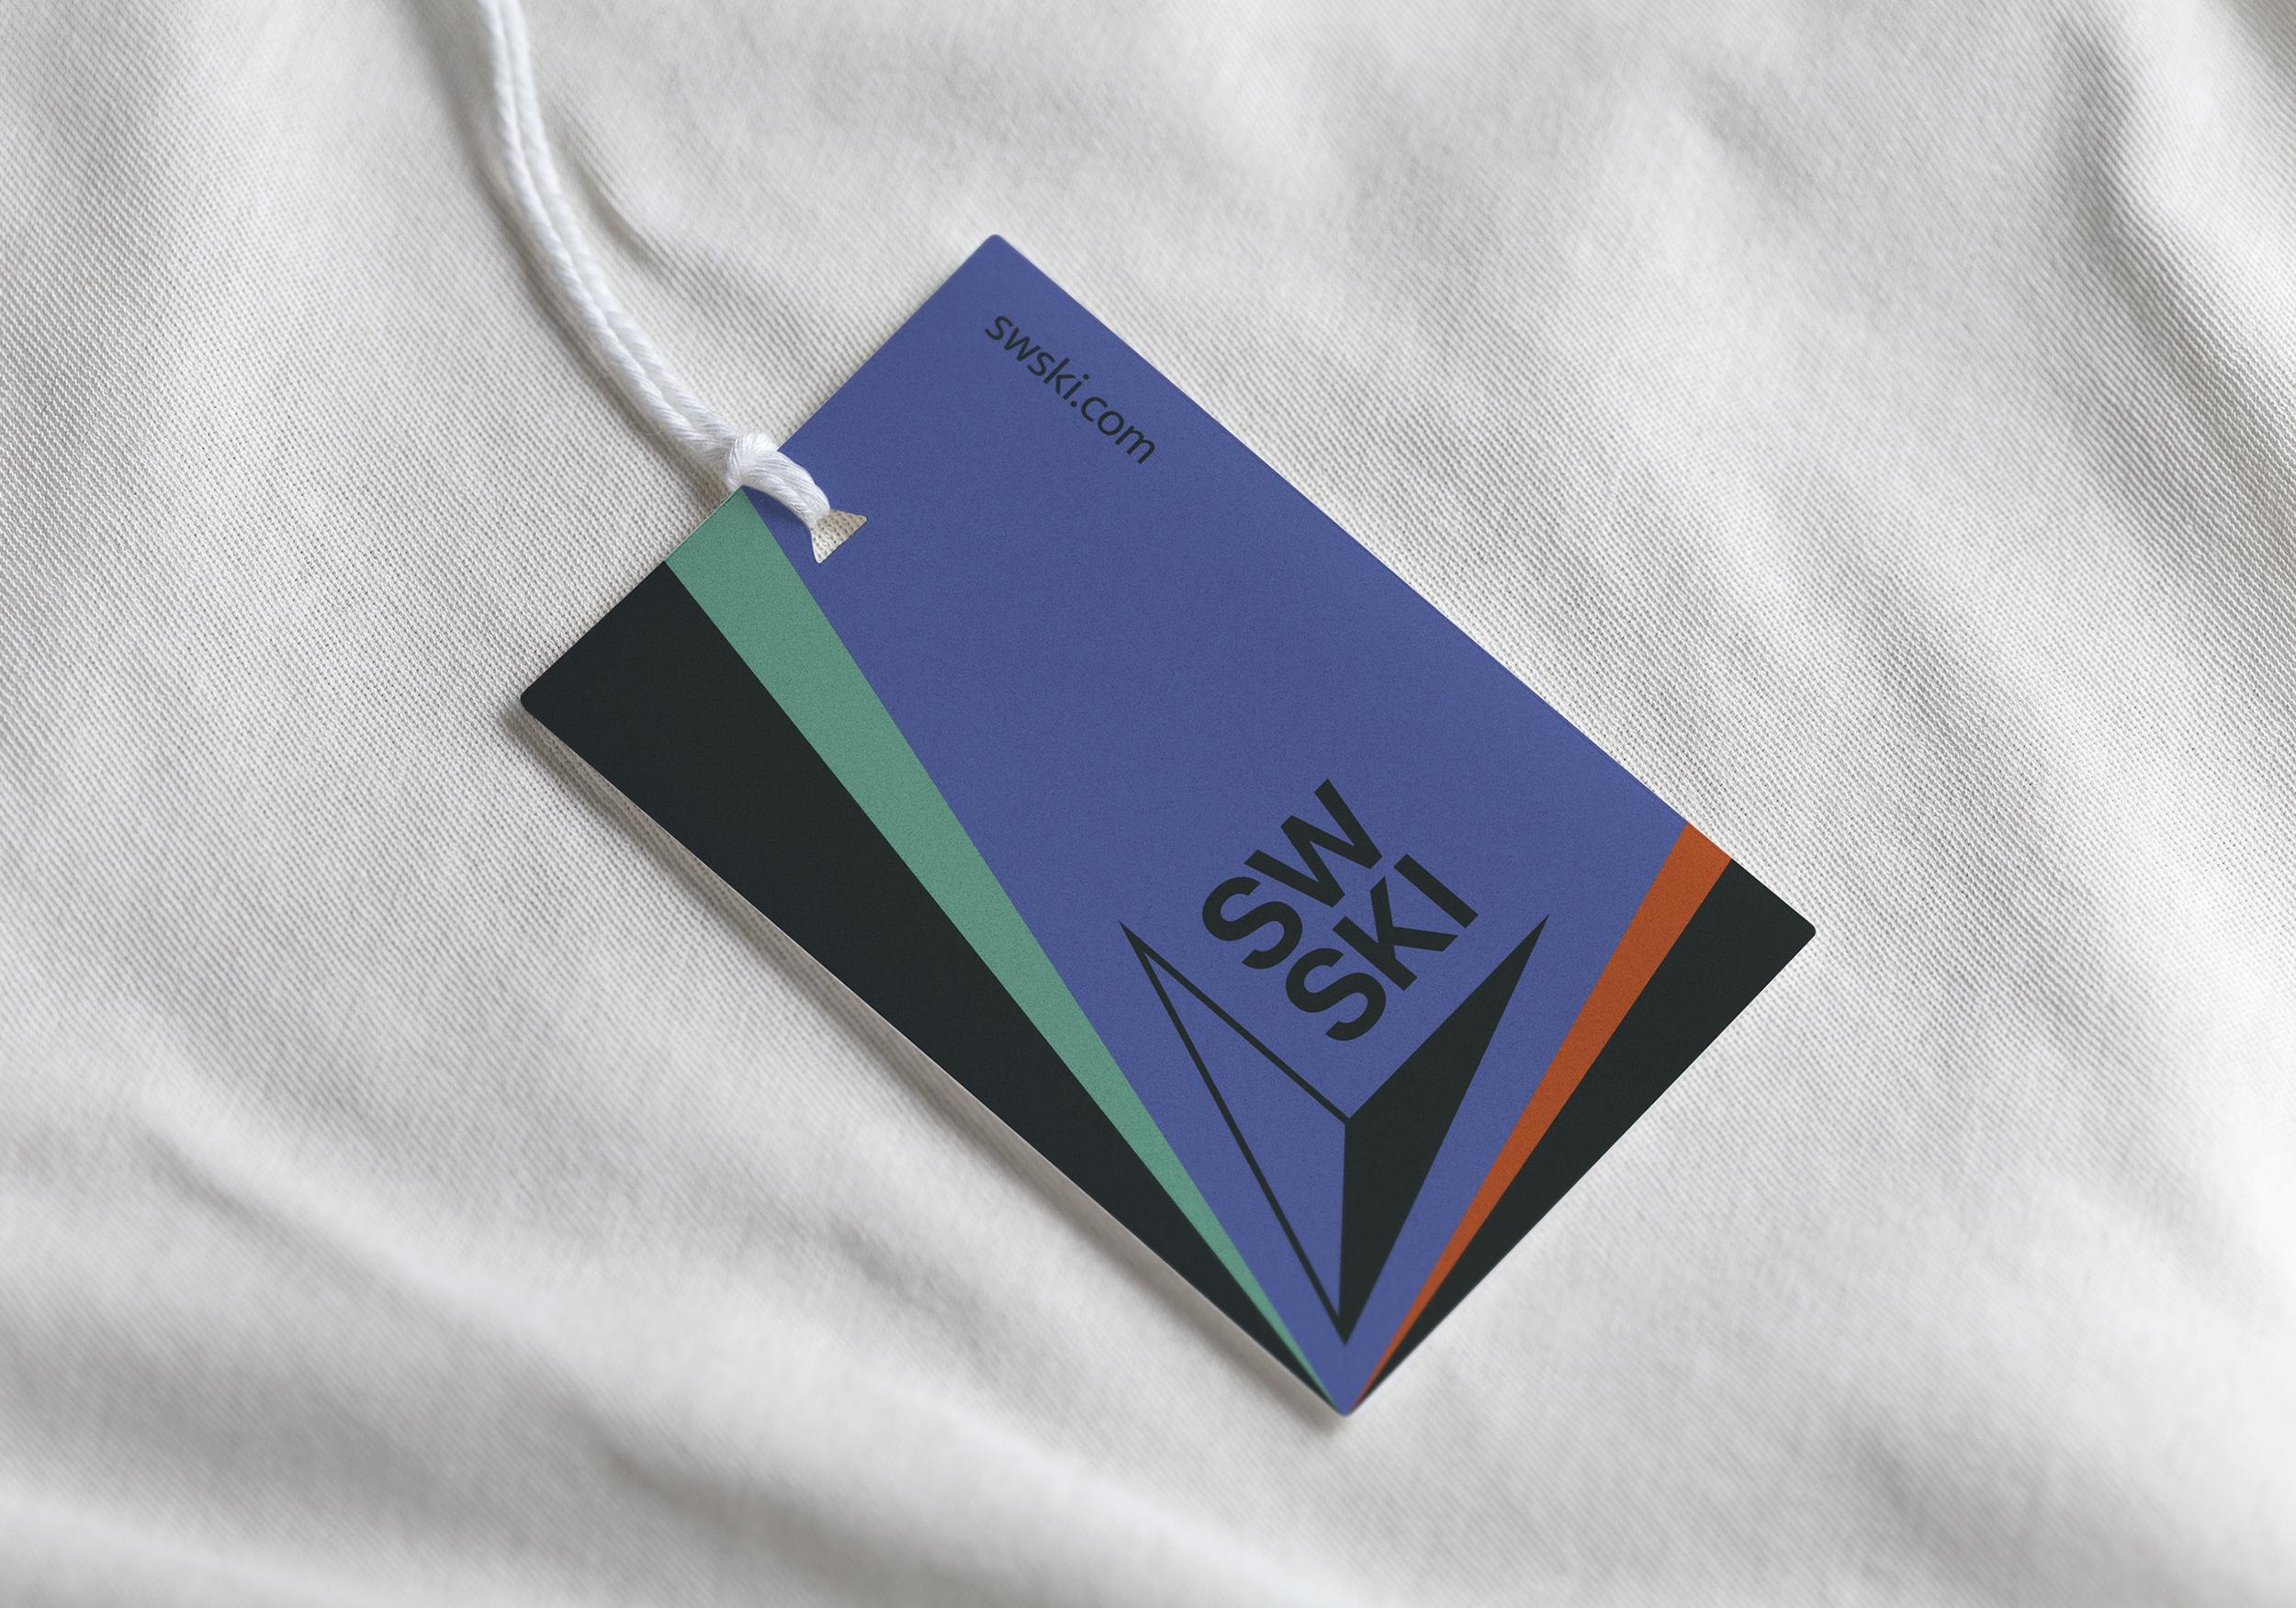 ski-clothing-tag-brand-identity